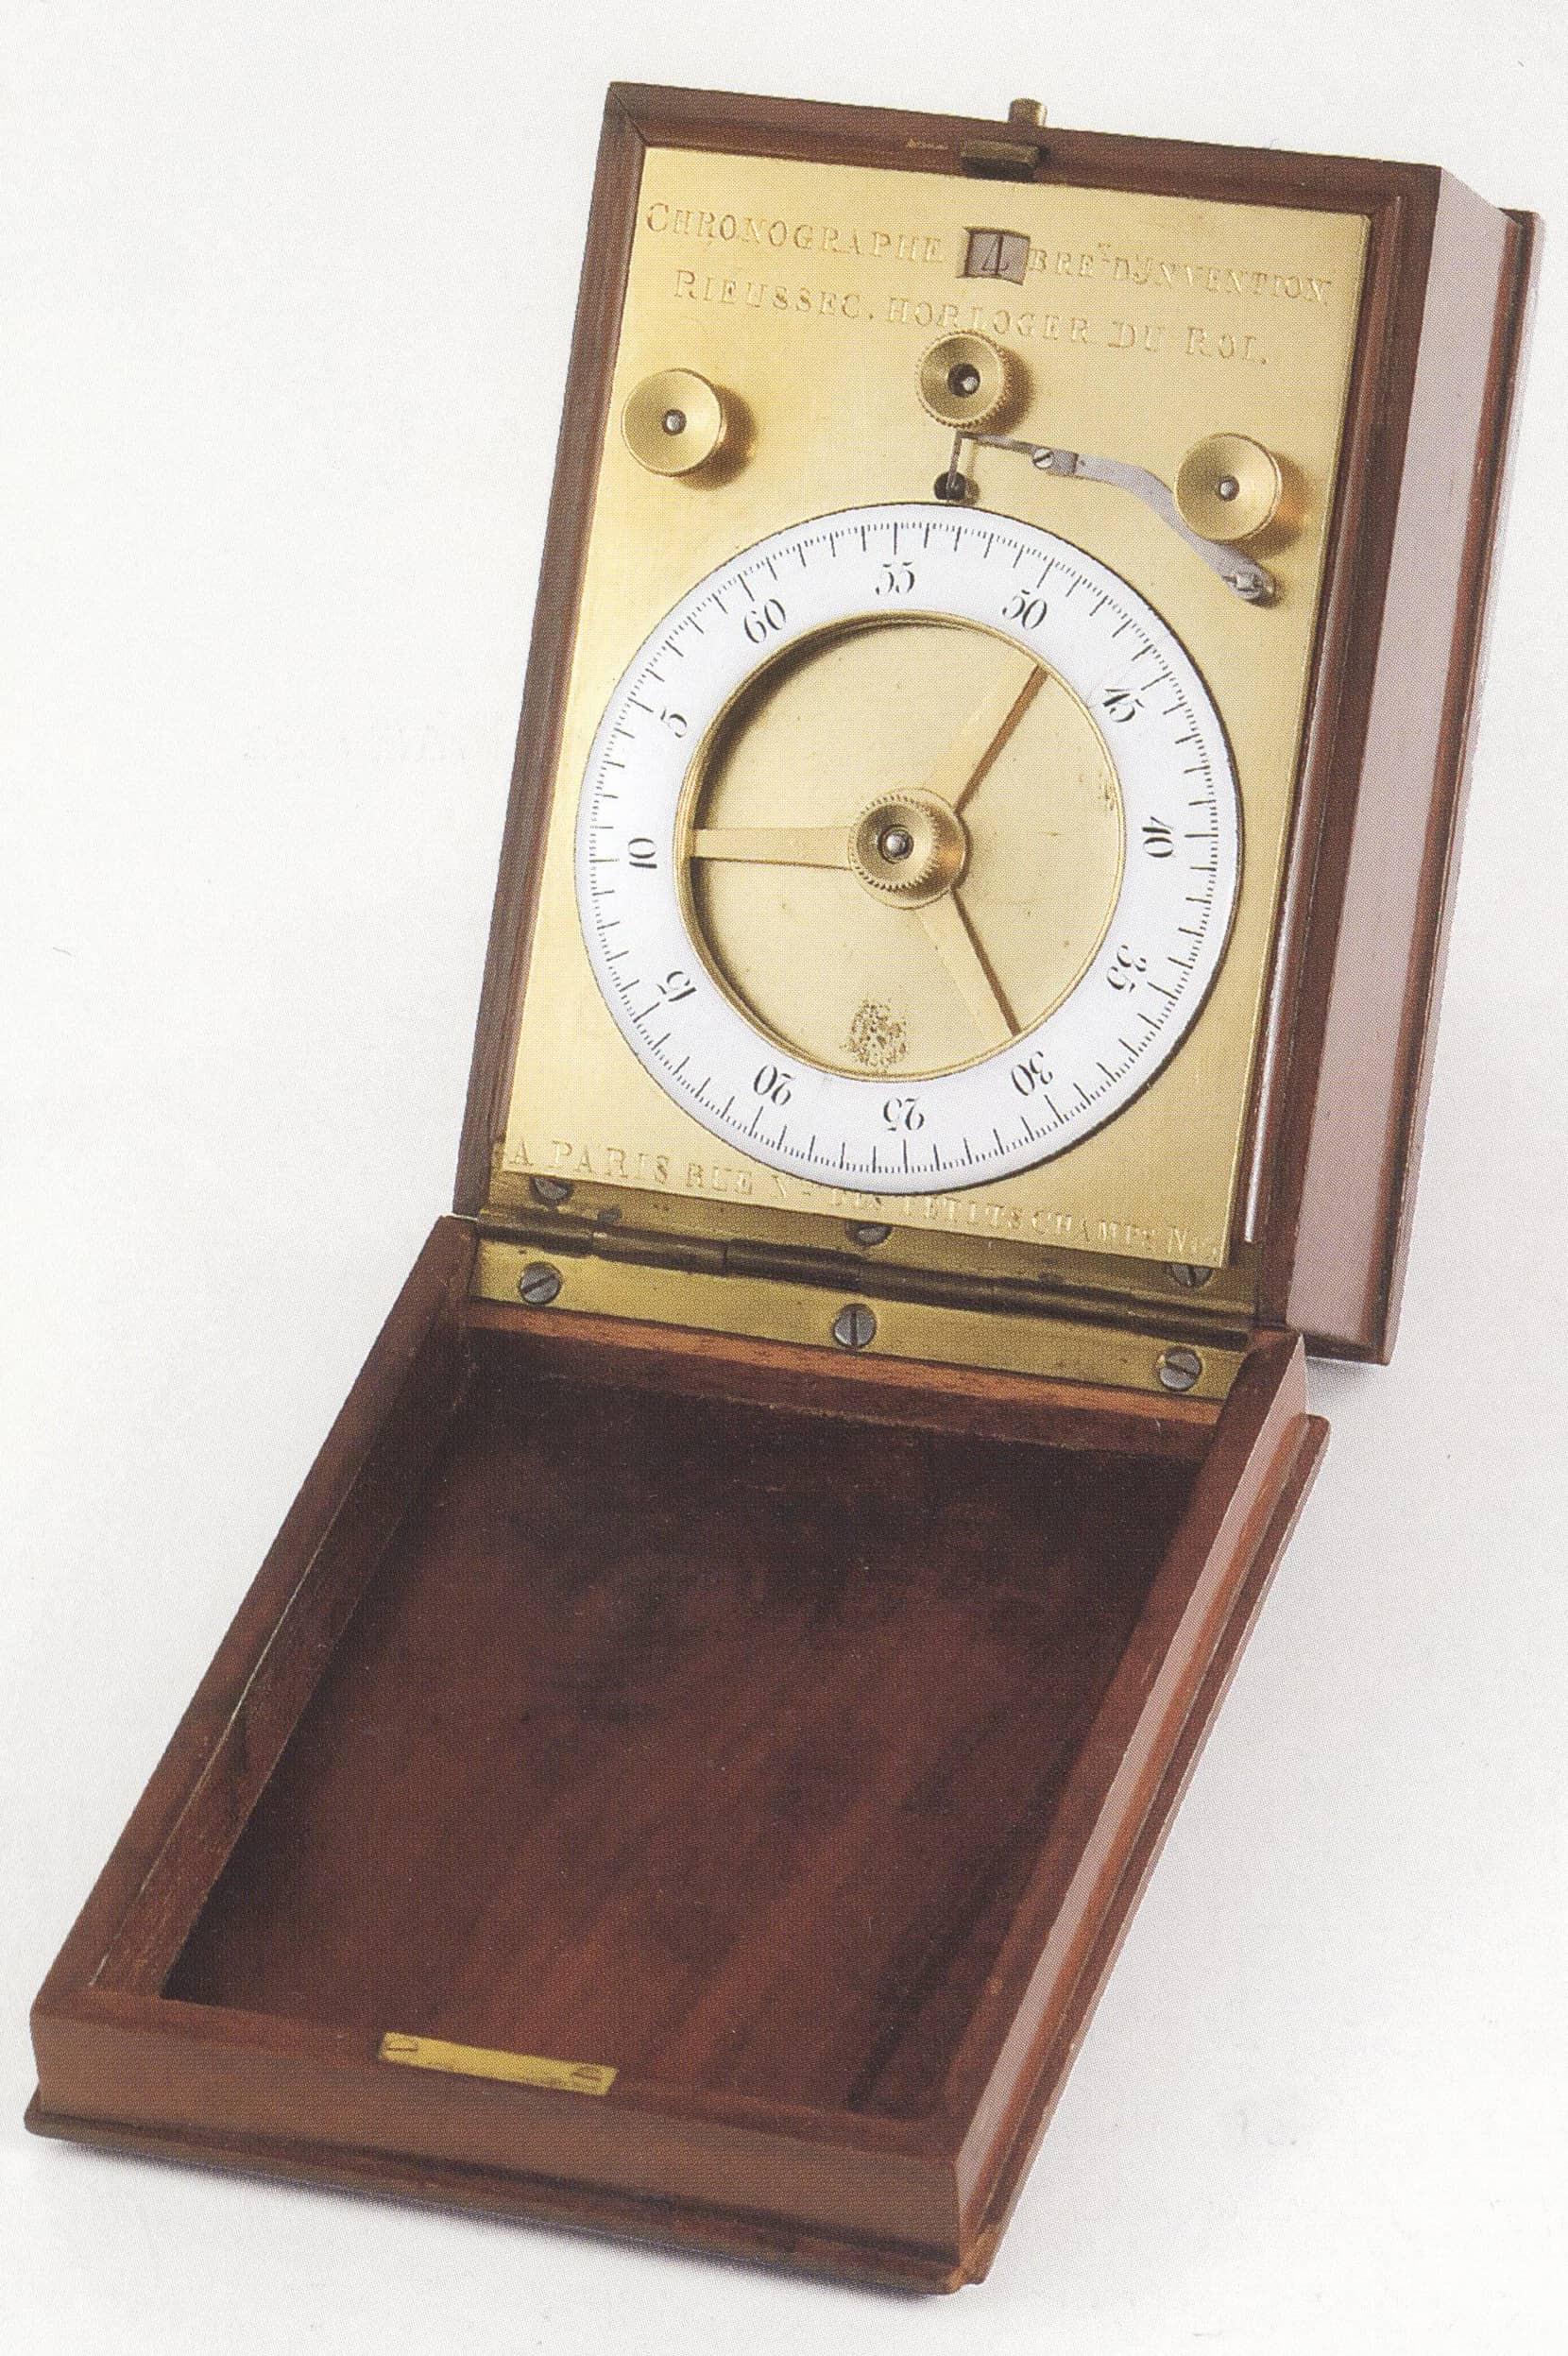 Der Chronograph von Rieussec mit seinem digitalen Zähler von bis zu zehn Minuten